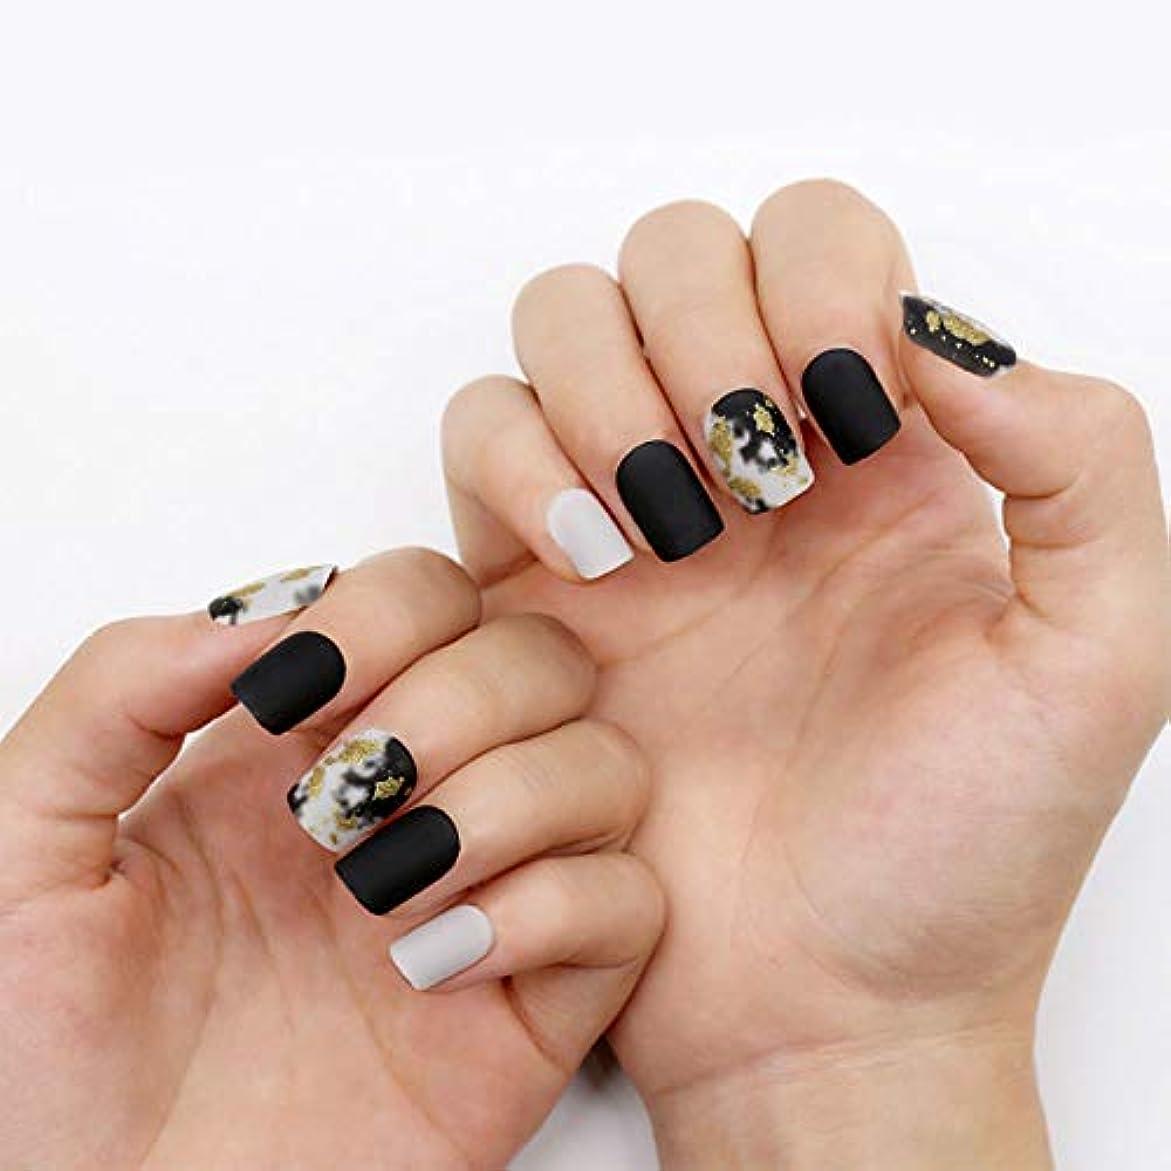 和約設定彫刻ネイルチップ 12サイズ 夏の 優雅 黒 つけ爪 ネイル用品 ショート デコレーション 無地 付け爪